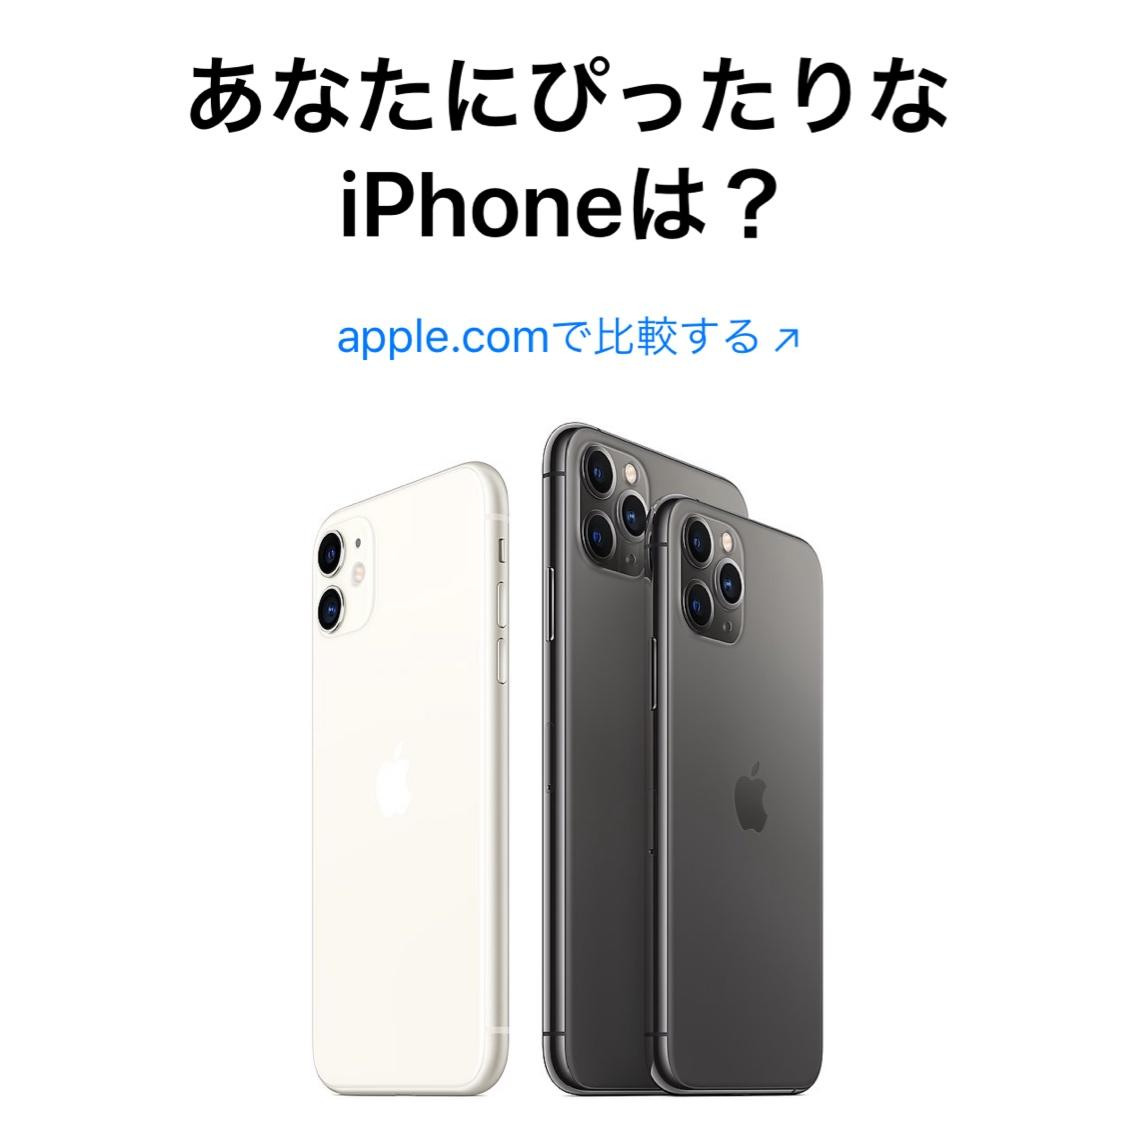 買い替え注意! 通信事業者からiPhone11シリーズを購入すると、Appleの正規価格より高額になる場合があります!